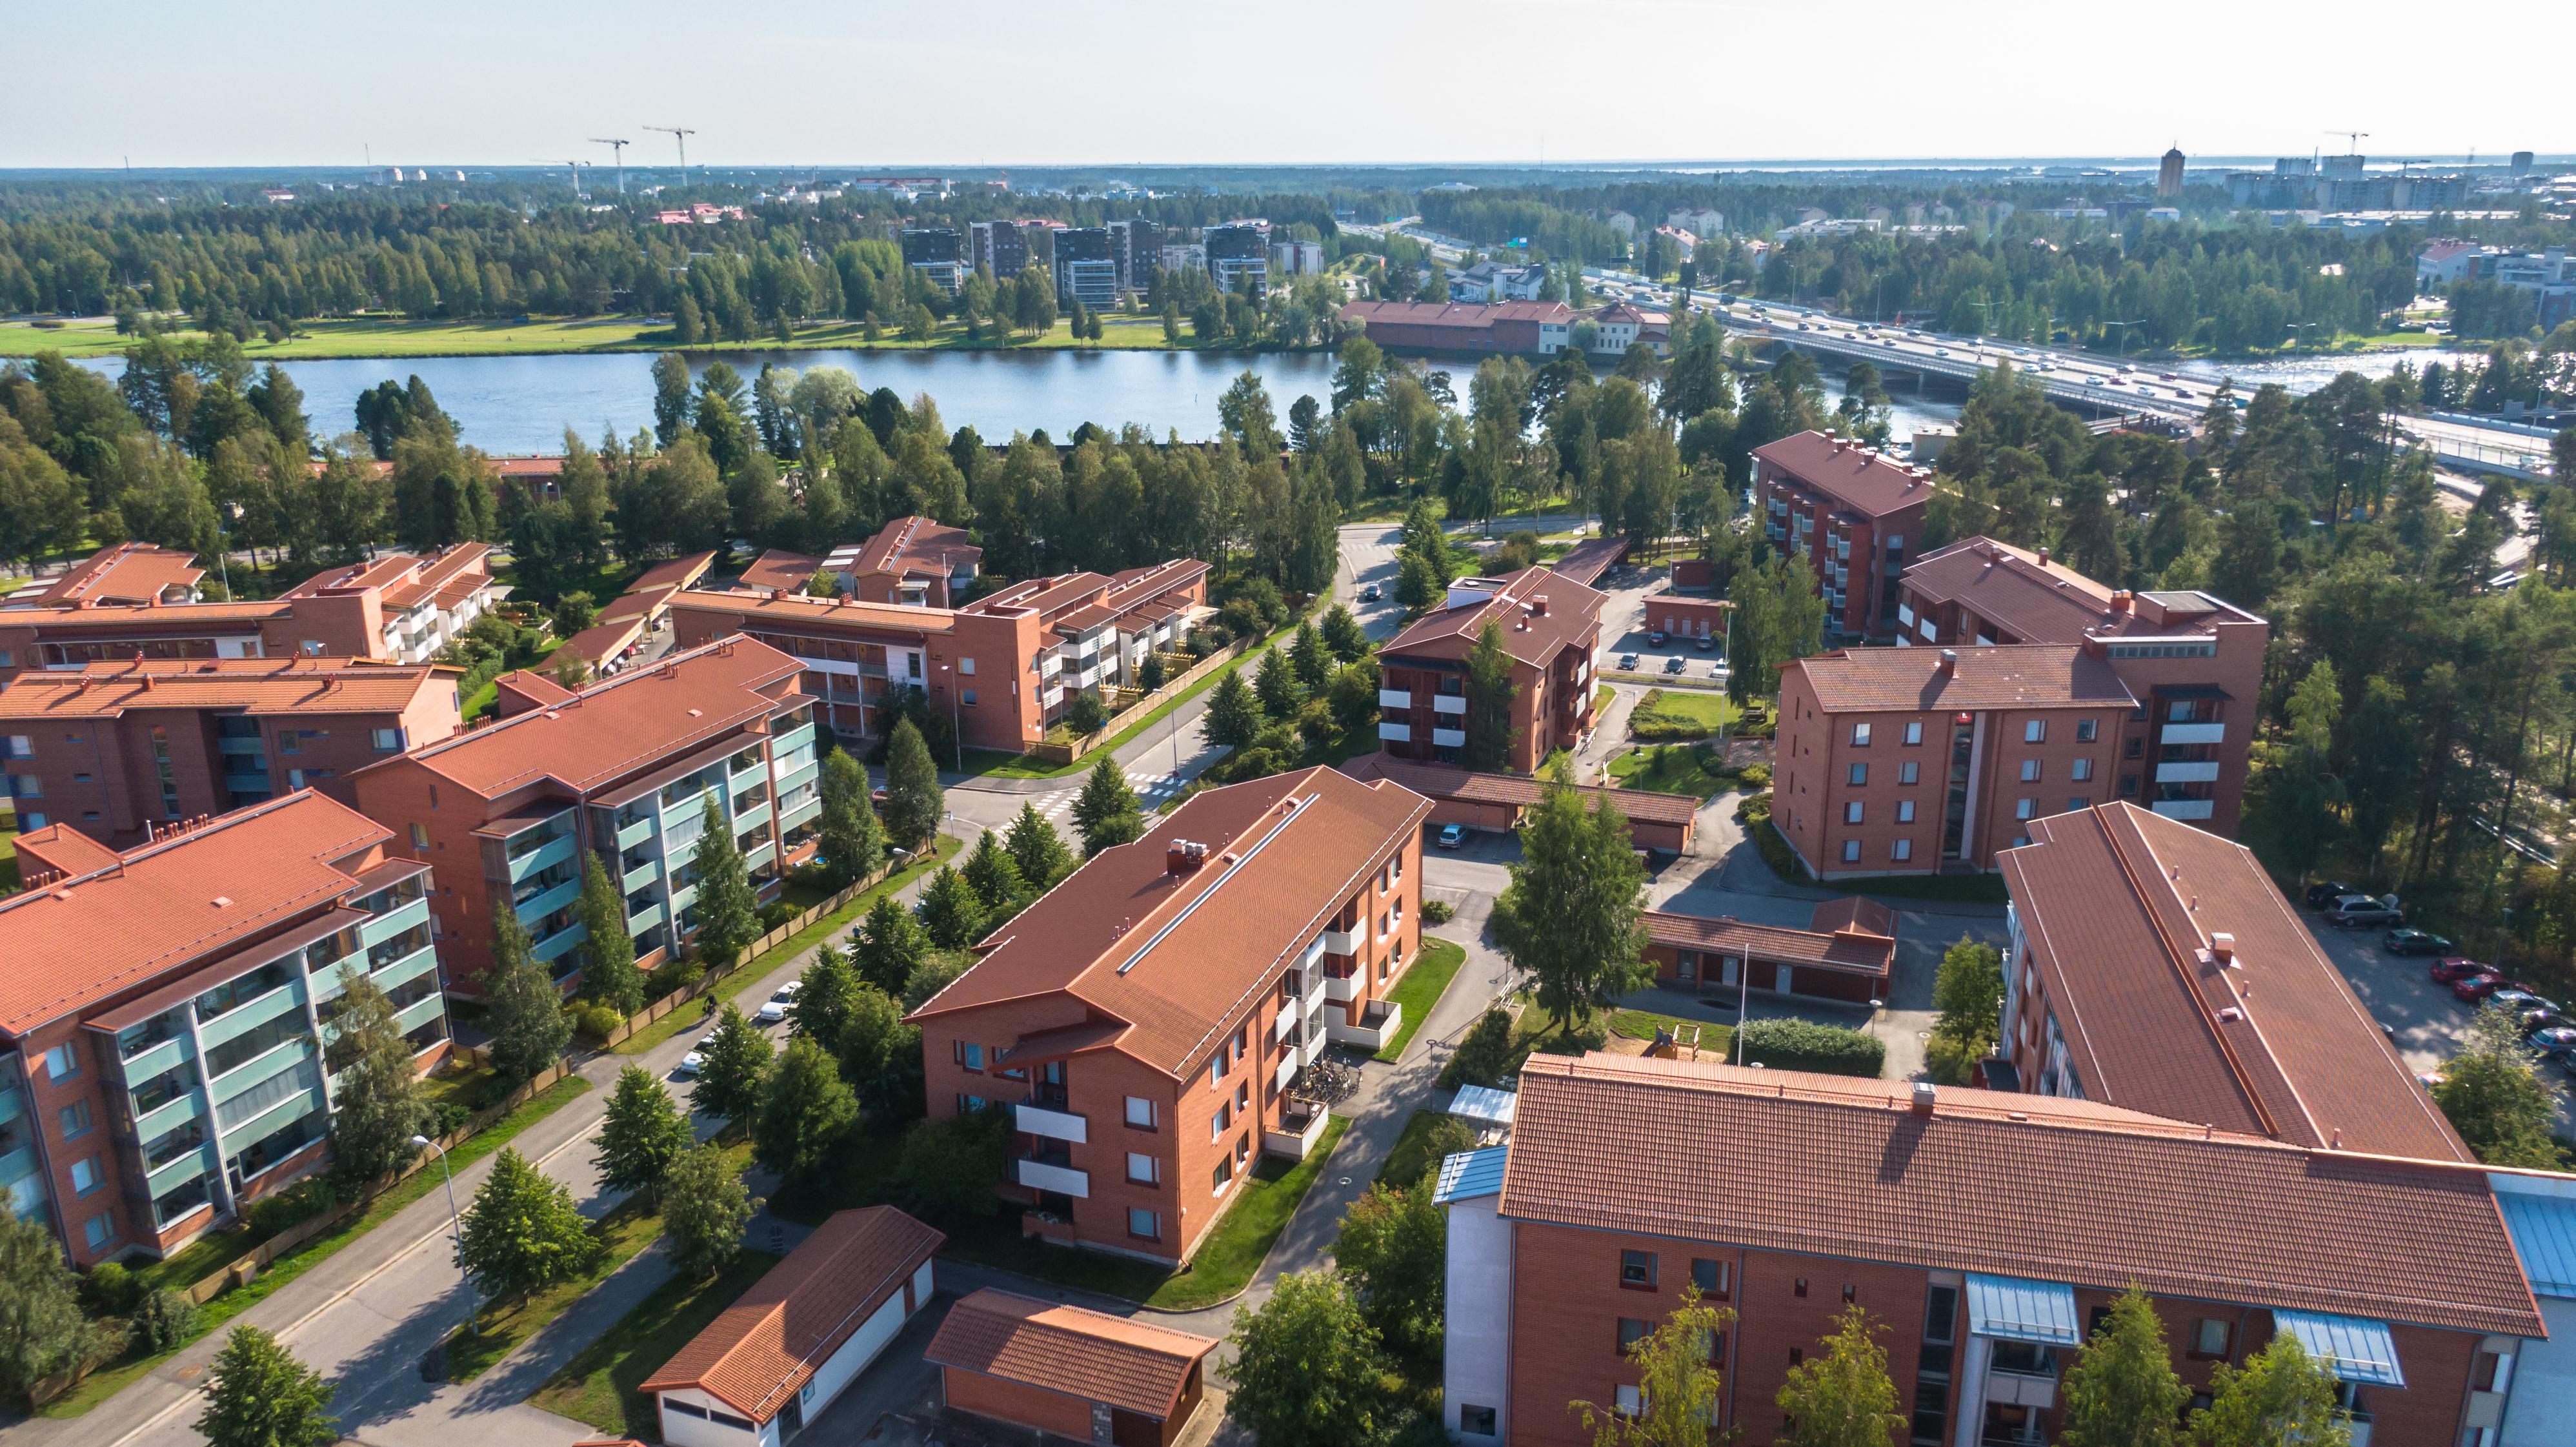 Oulun Laanilan asuinaluetta ilmasta kuvattuna. Kesäinen yleiskuva: tyylikkäitä kerrostaloja, taustalla joki, silta ja moottoritie.